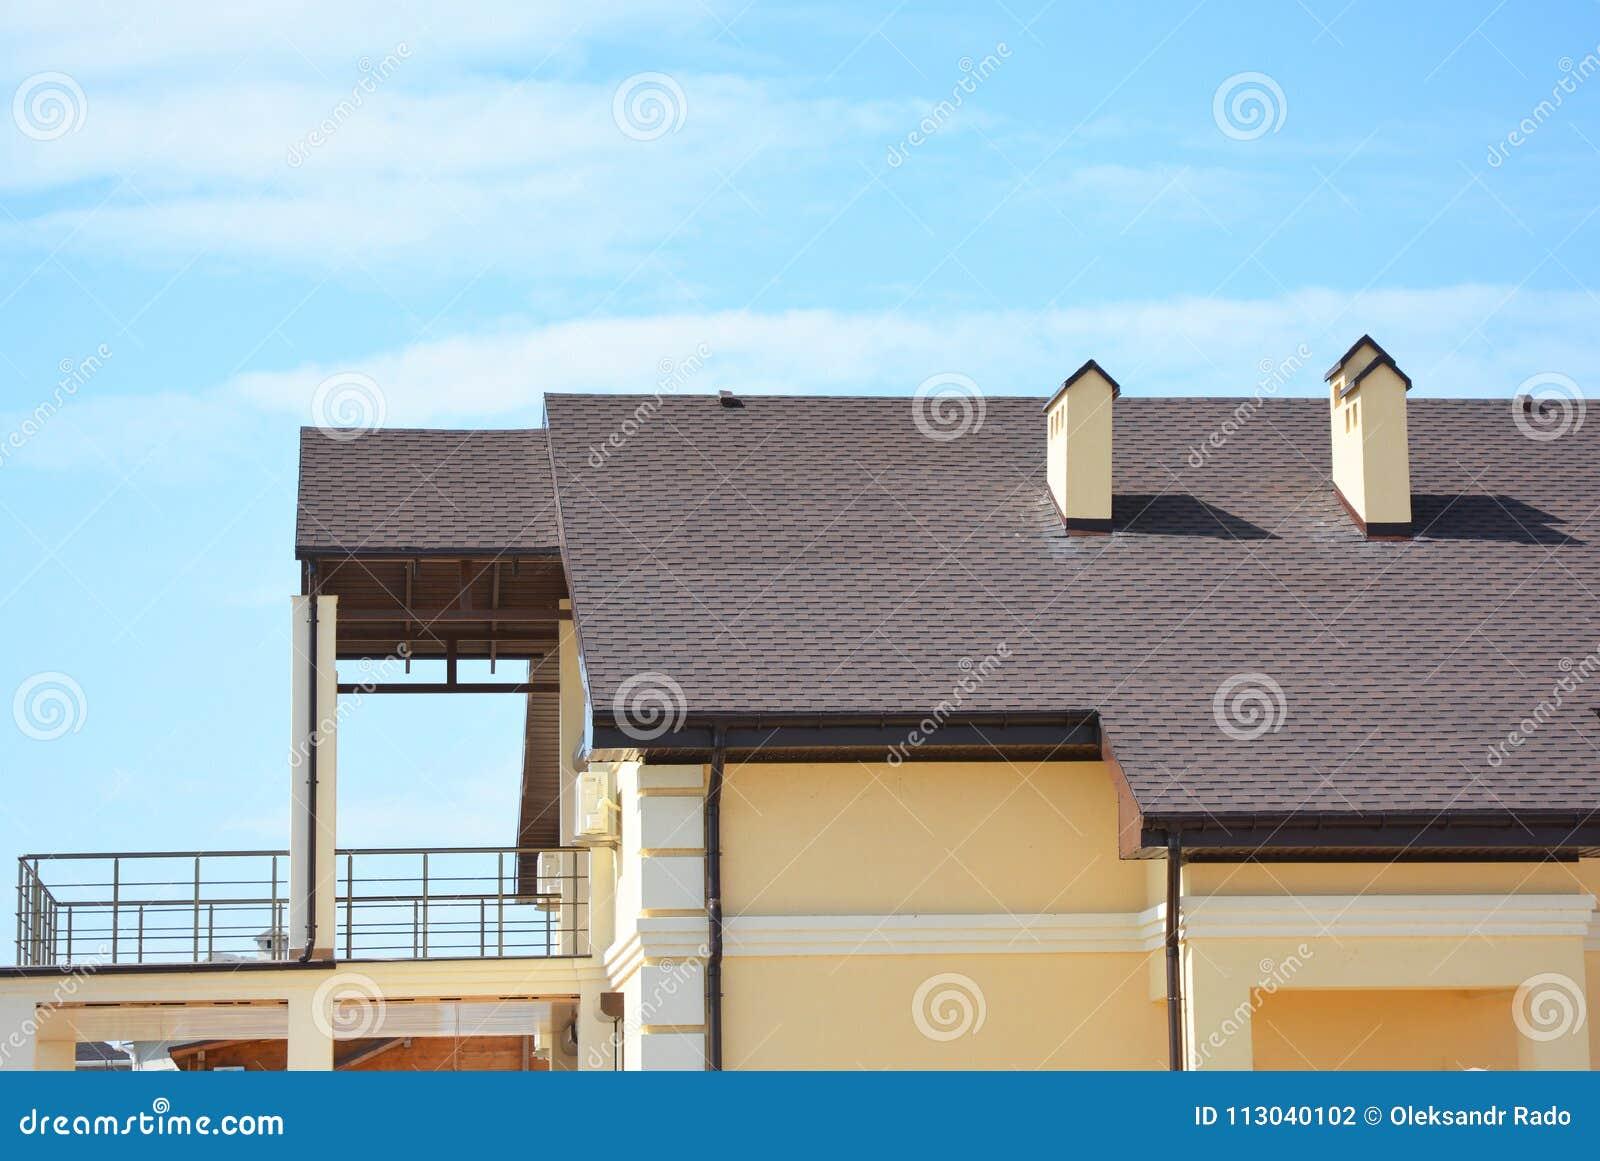 La Maison Moderne Avec La Terrasse De Balcon Systeme De Gouttiere